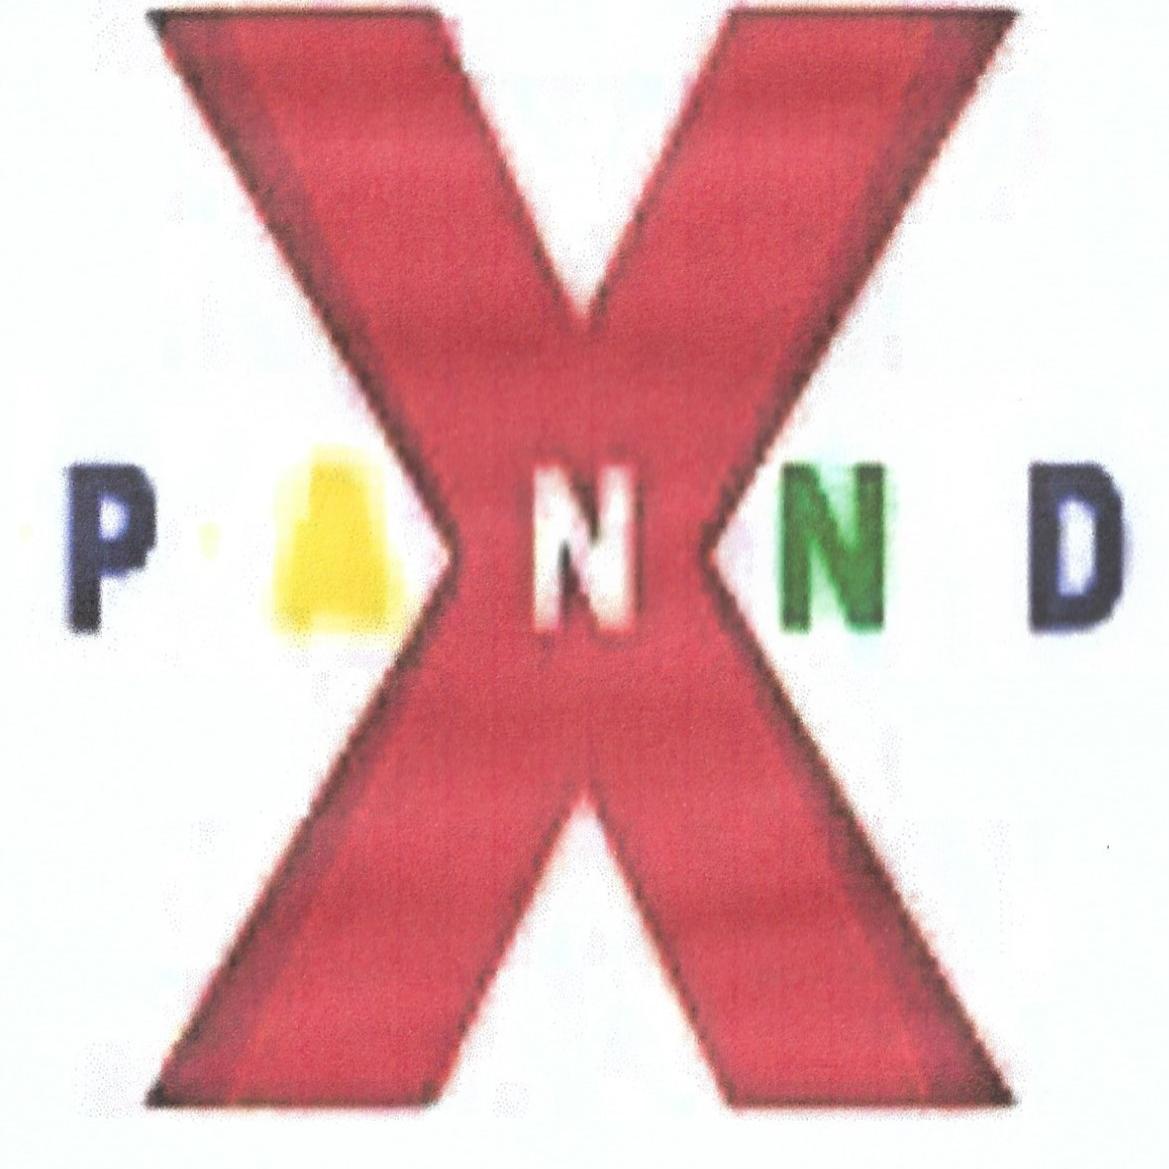 XPANND